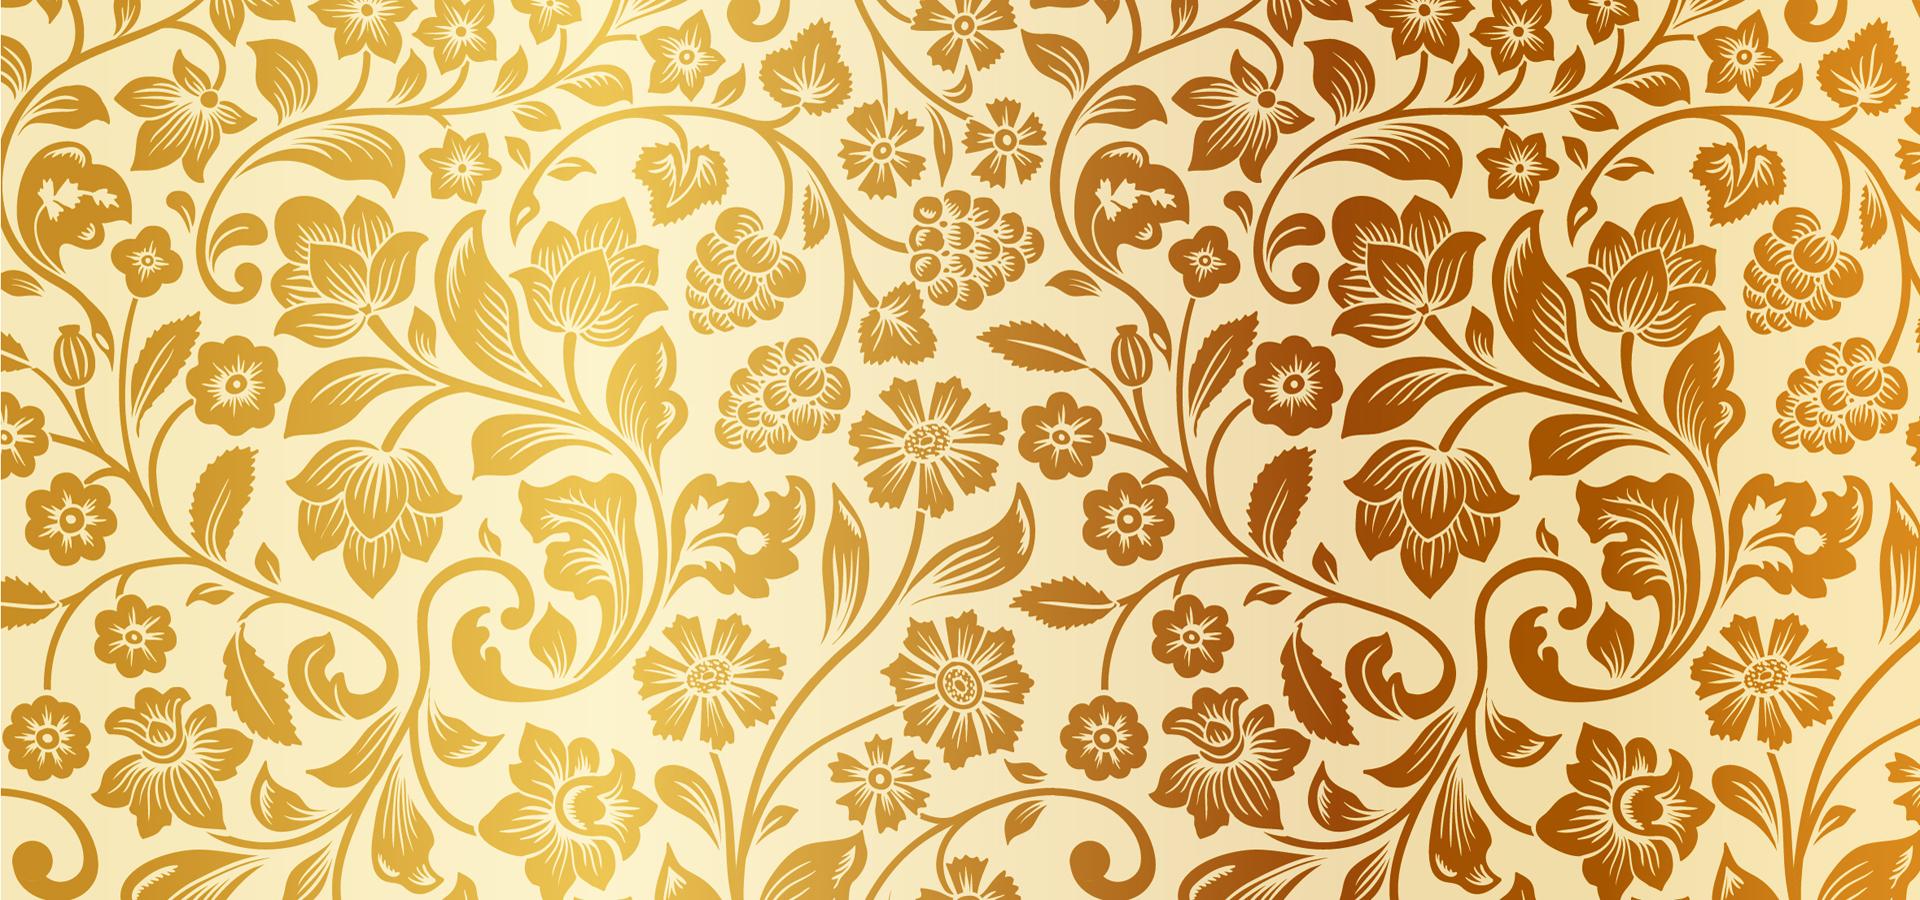 damas tile sans soudure floral contexte sch u00e9ma r u00e9tro